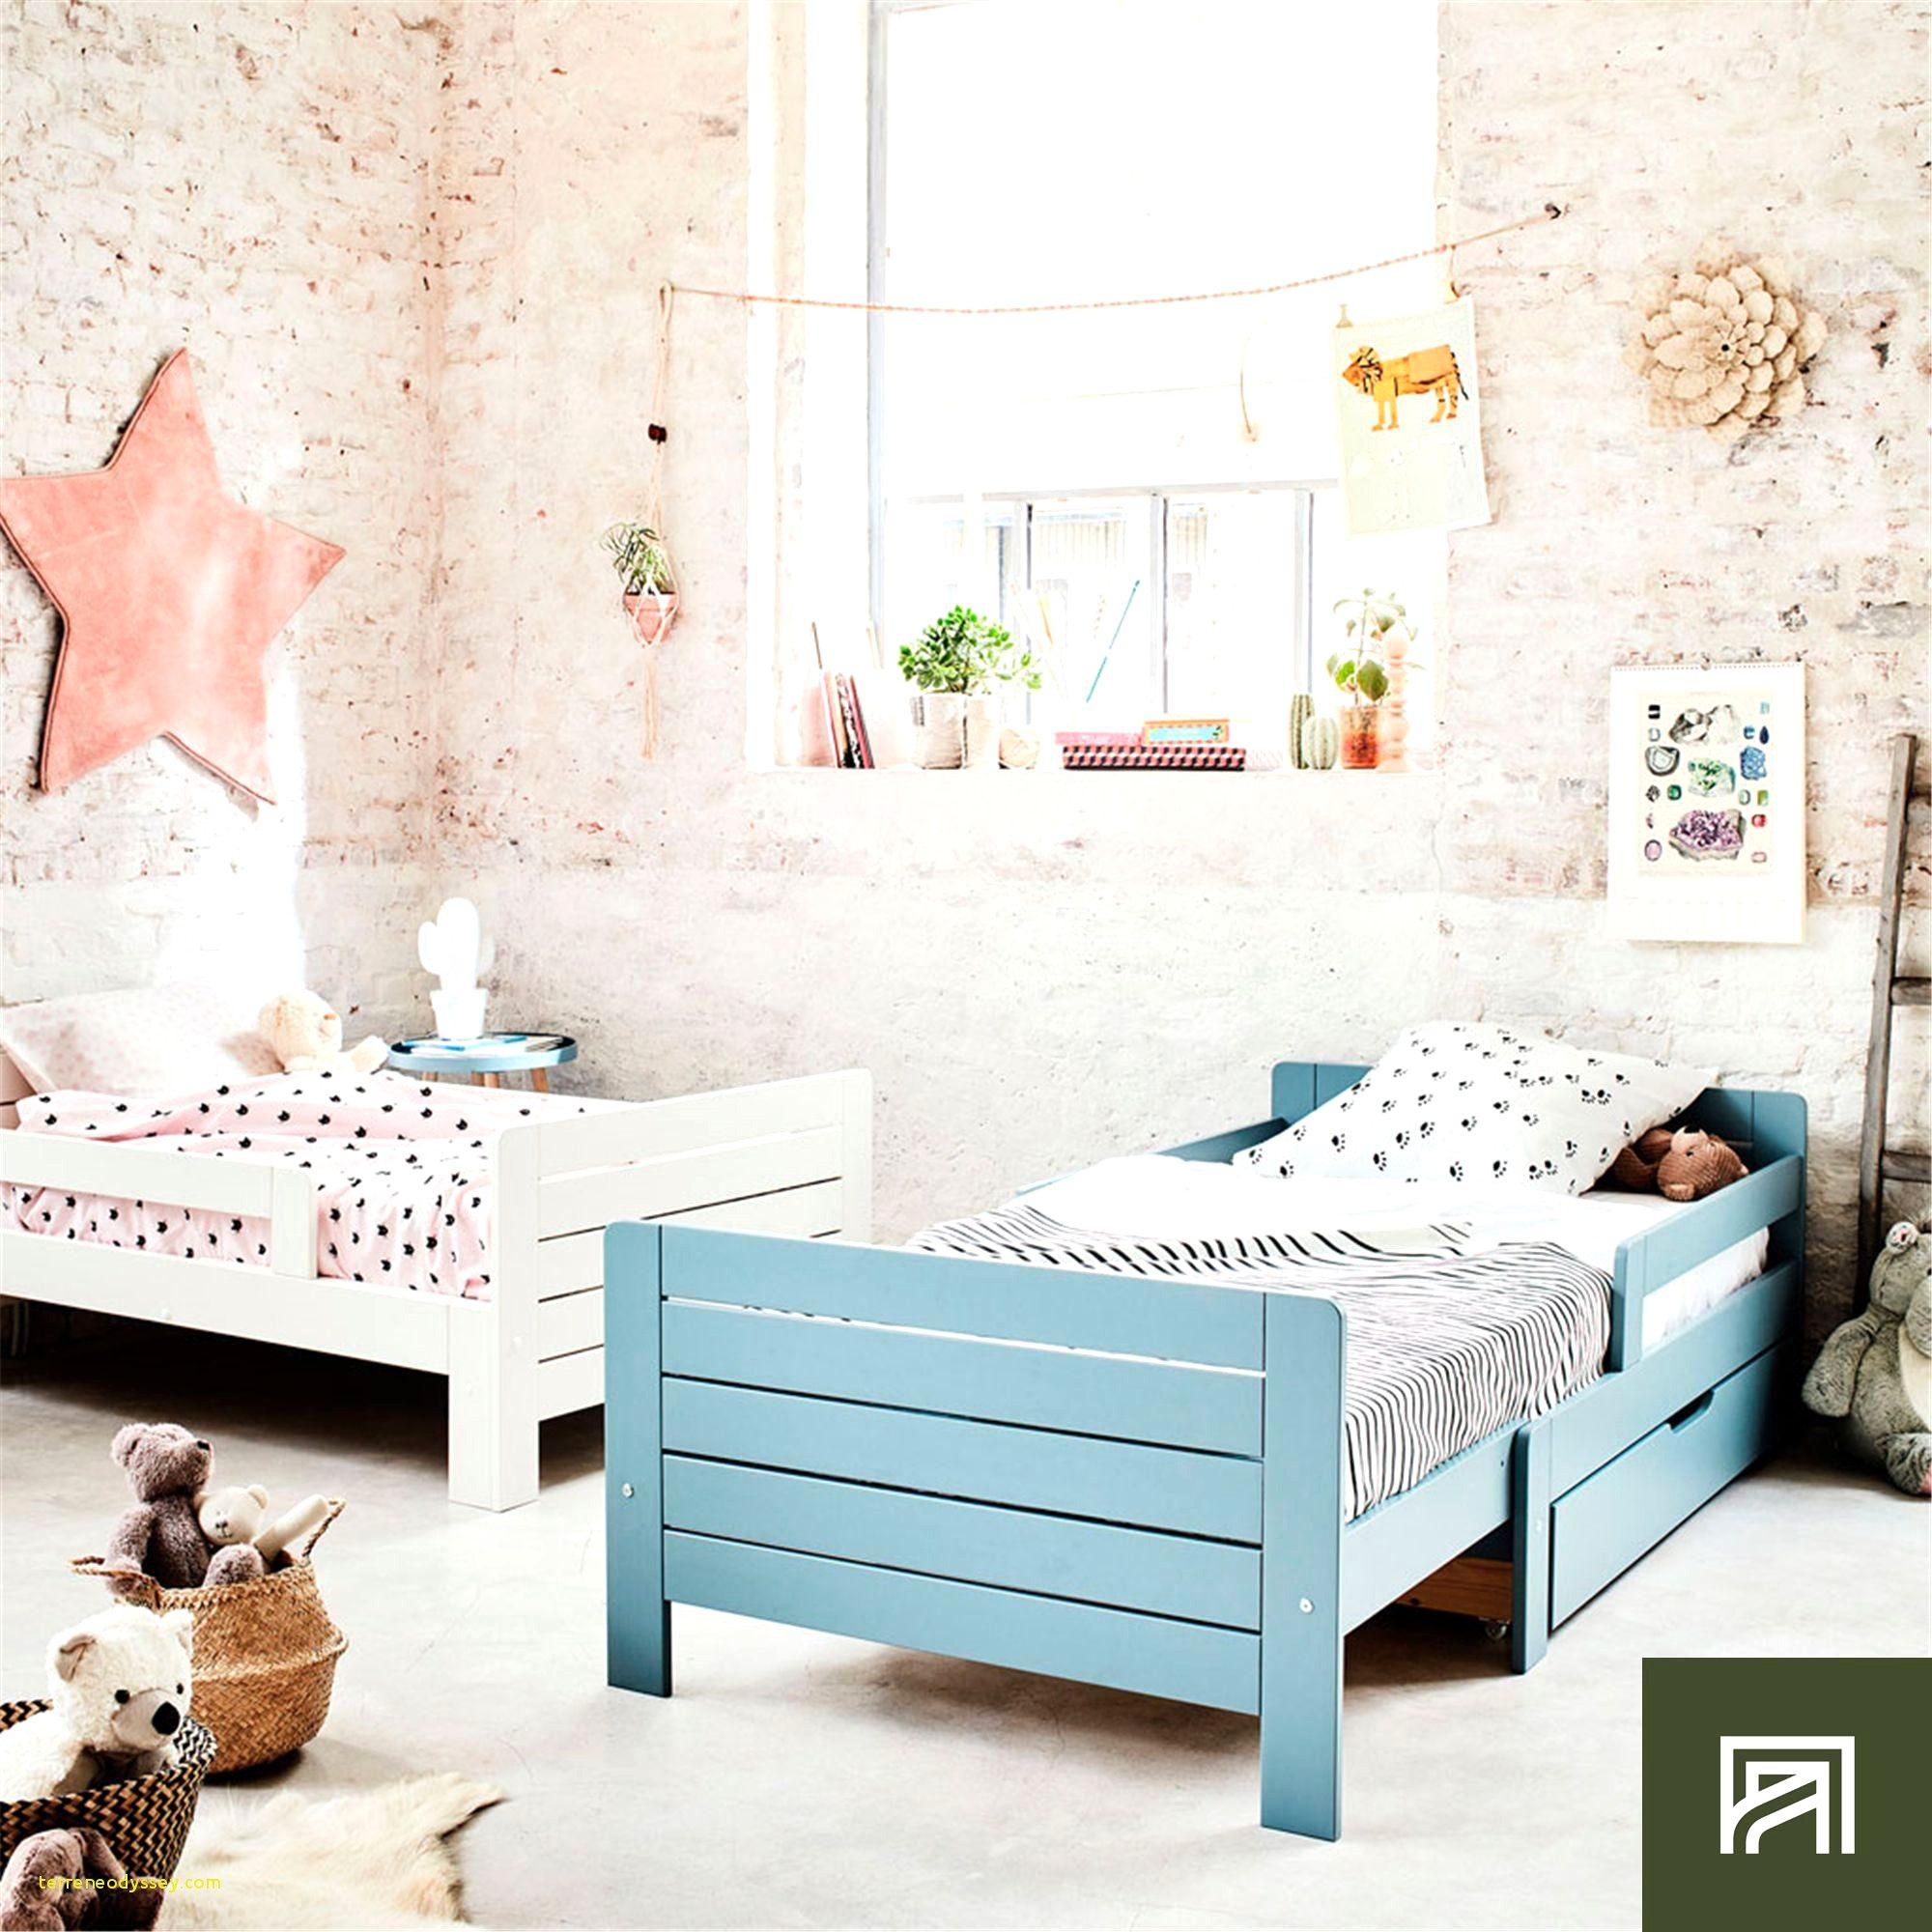 Lit Enfant Maison Douce Résultat Supérieur Lit Enfant Frais Lilou Lit évolutif Bleu 3